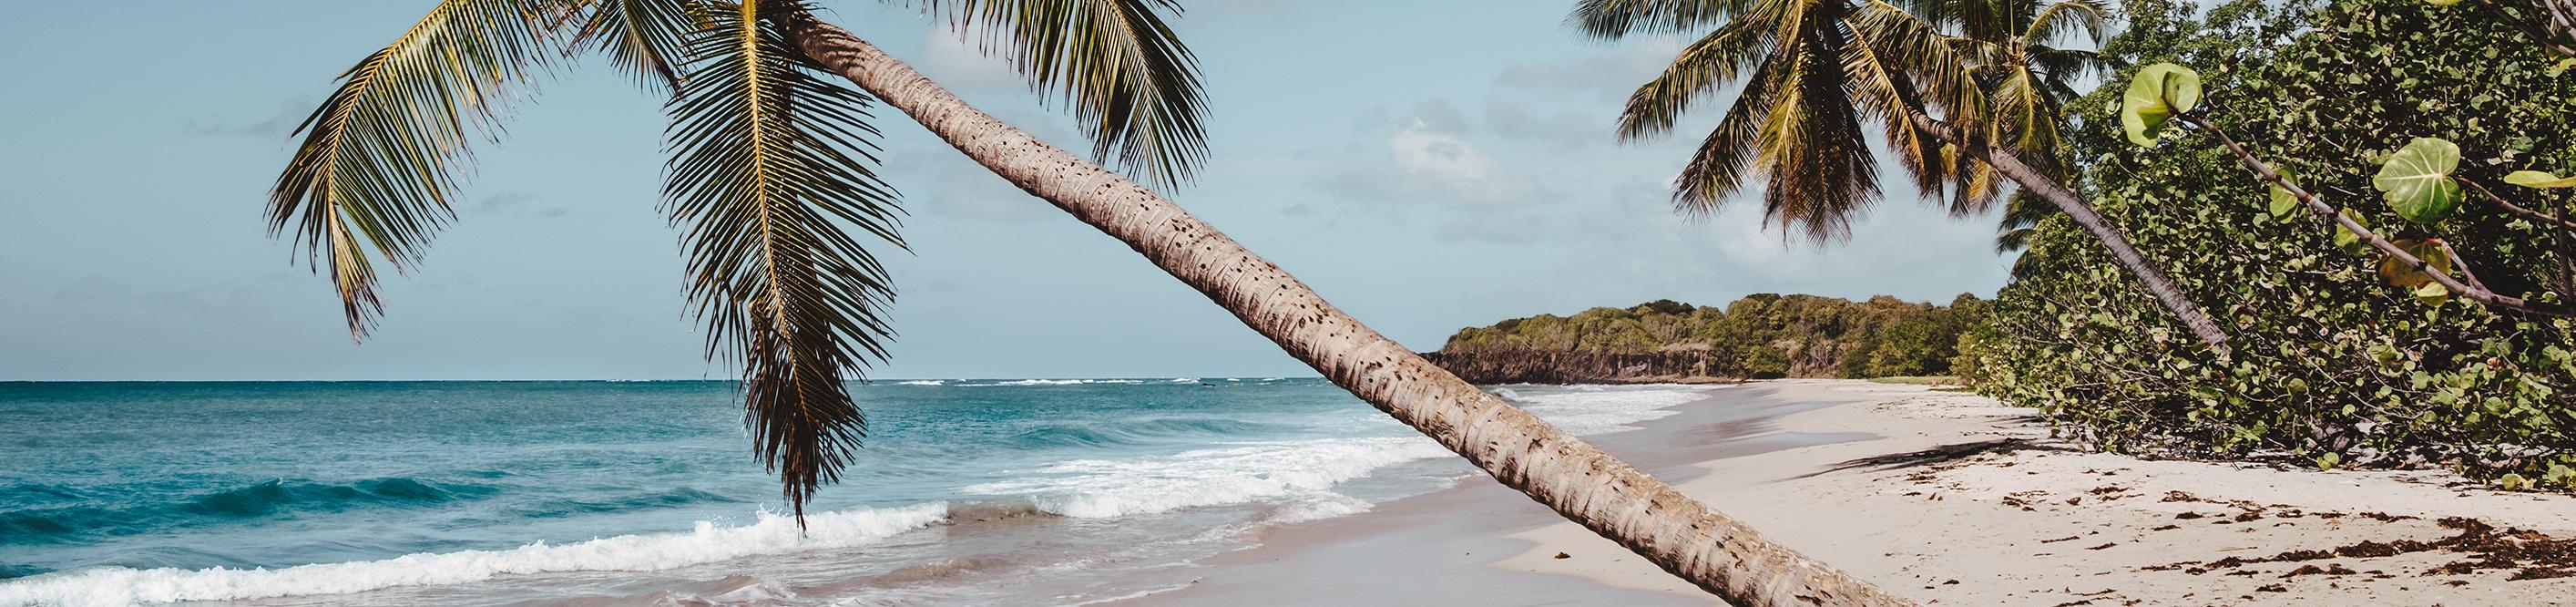 Морской круиз на Мартинике